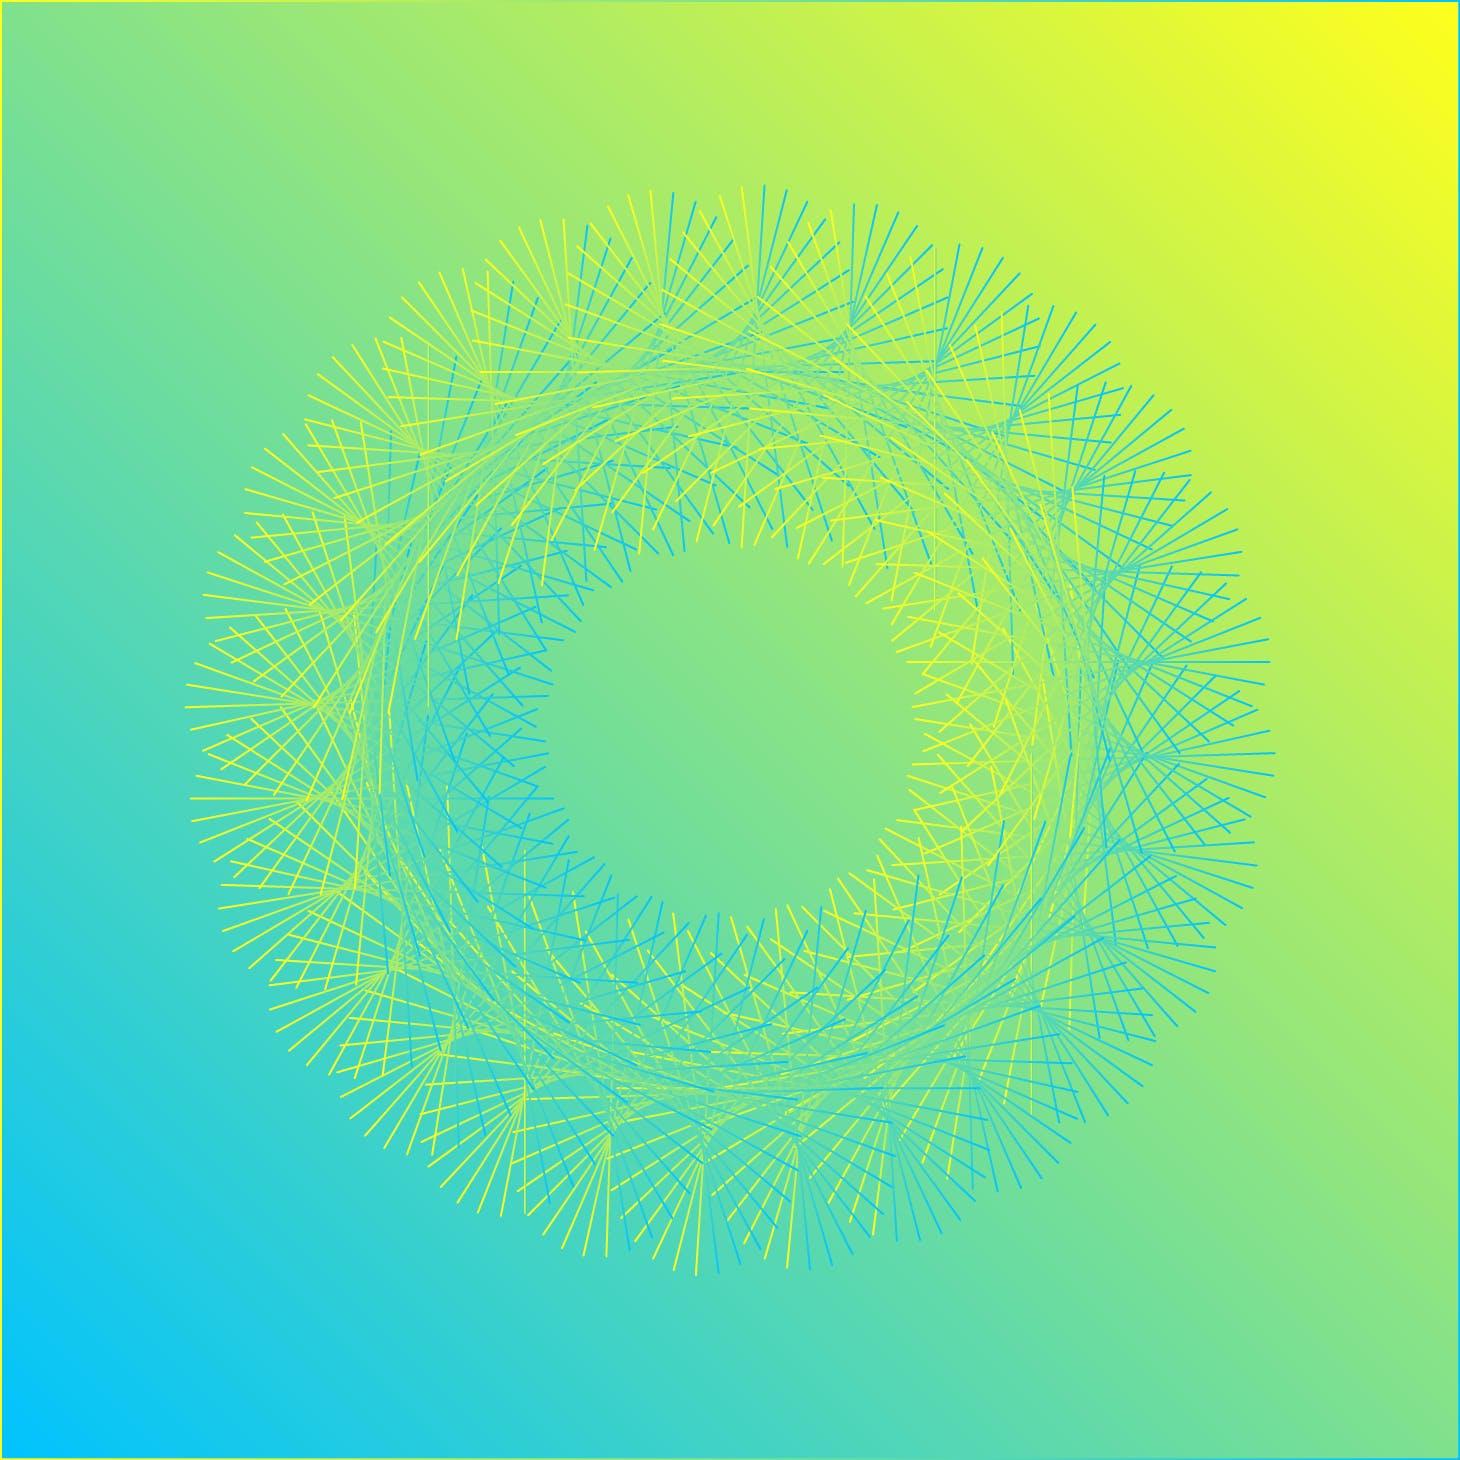 8款螺旋状线条网格矢量图案素材 Geometric Spiral Collection插图(4)